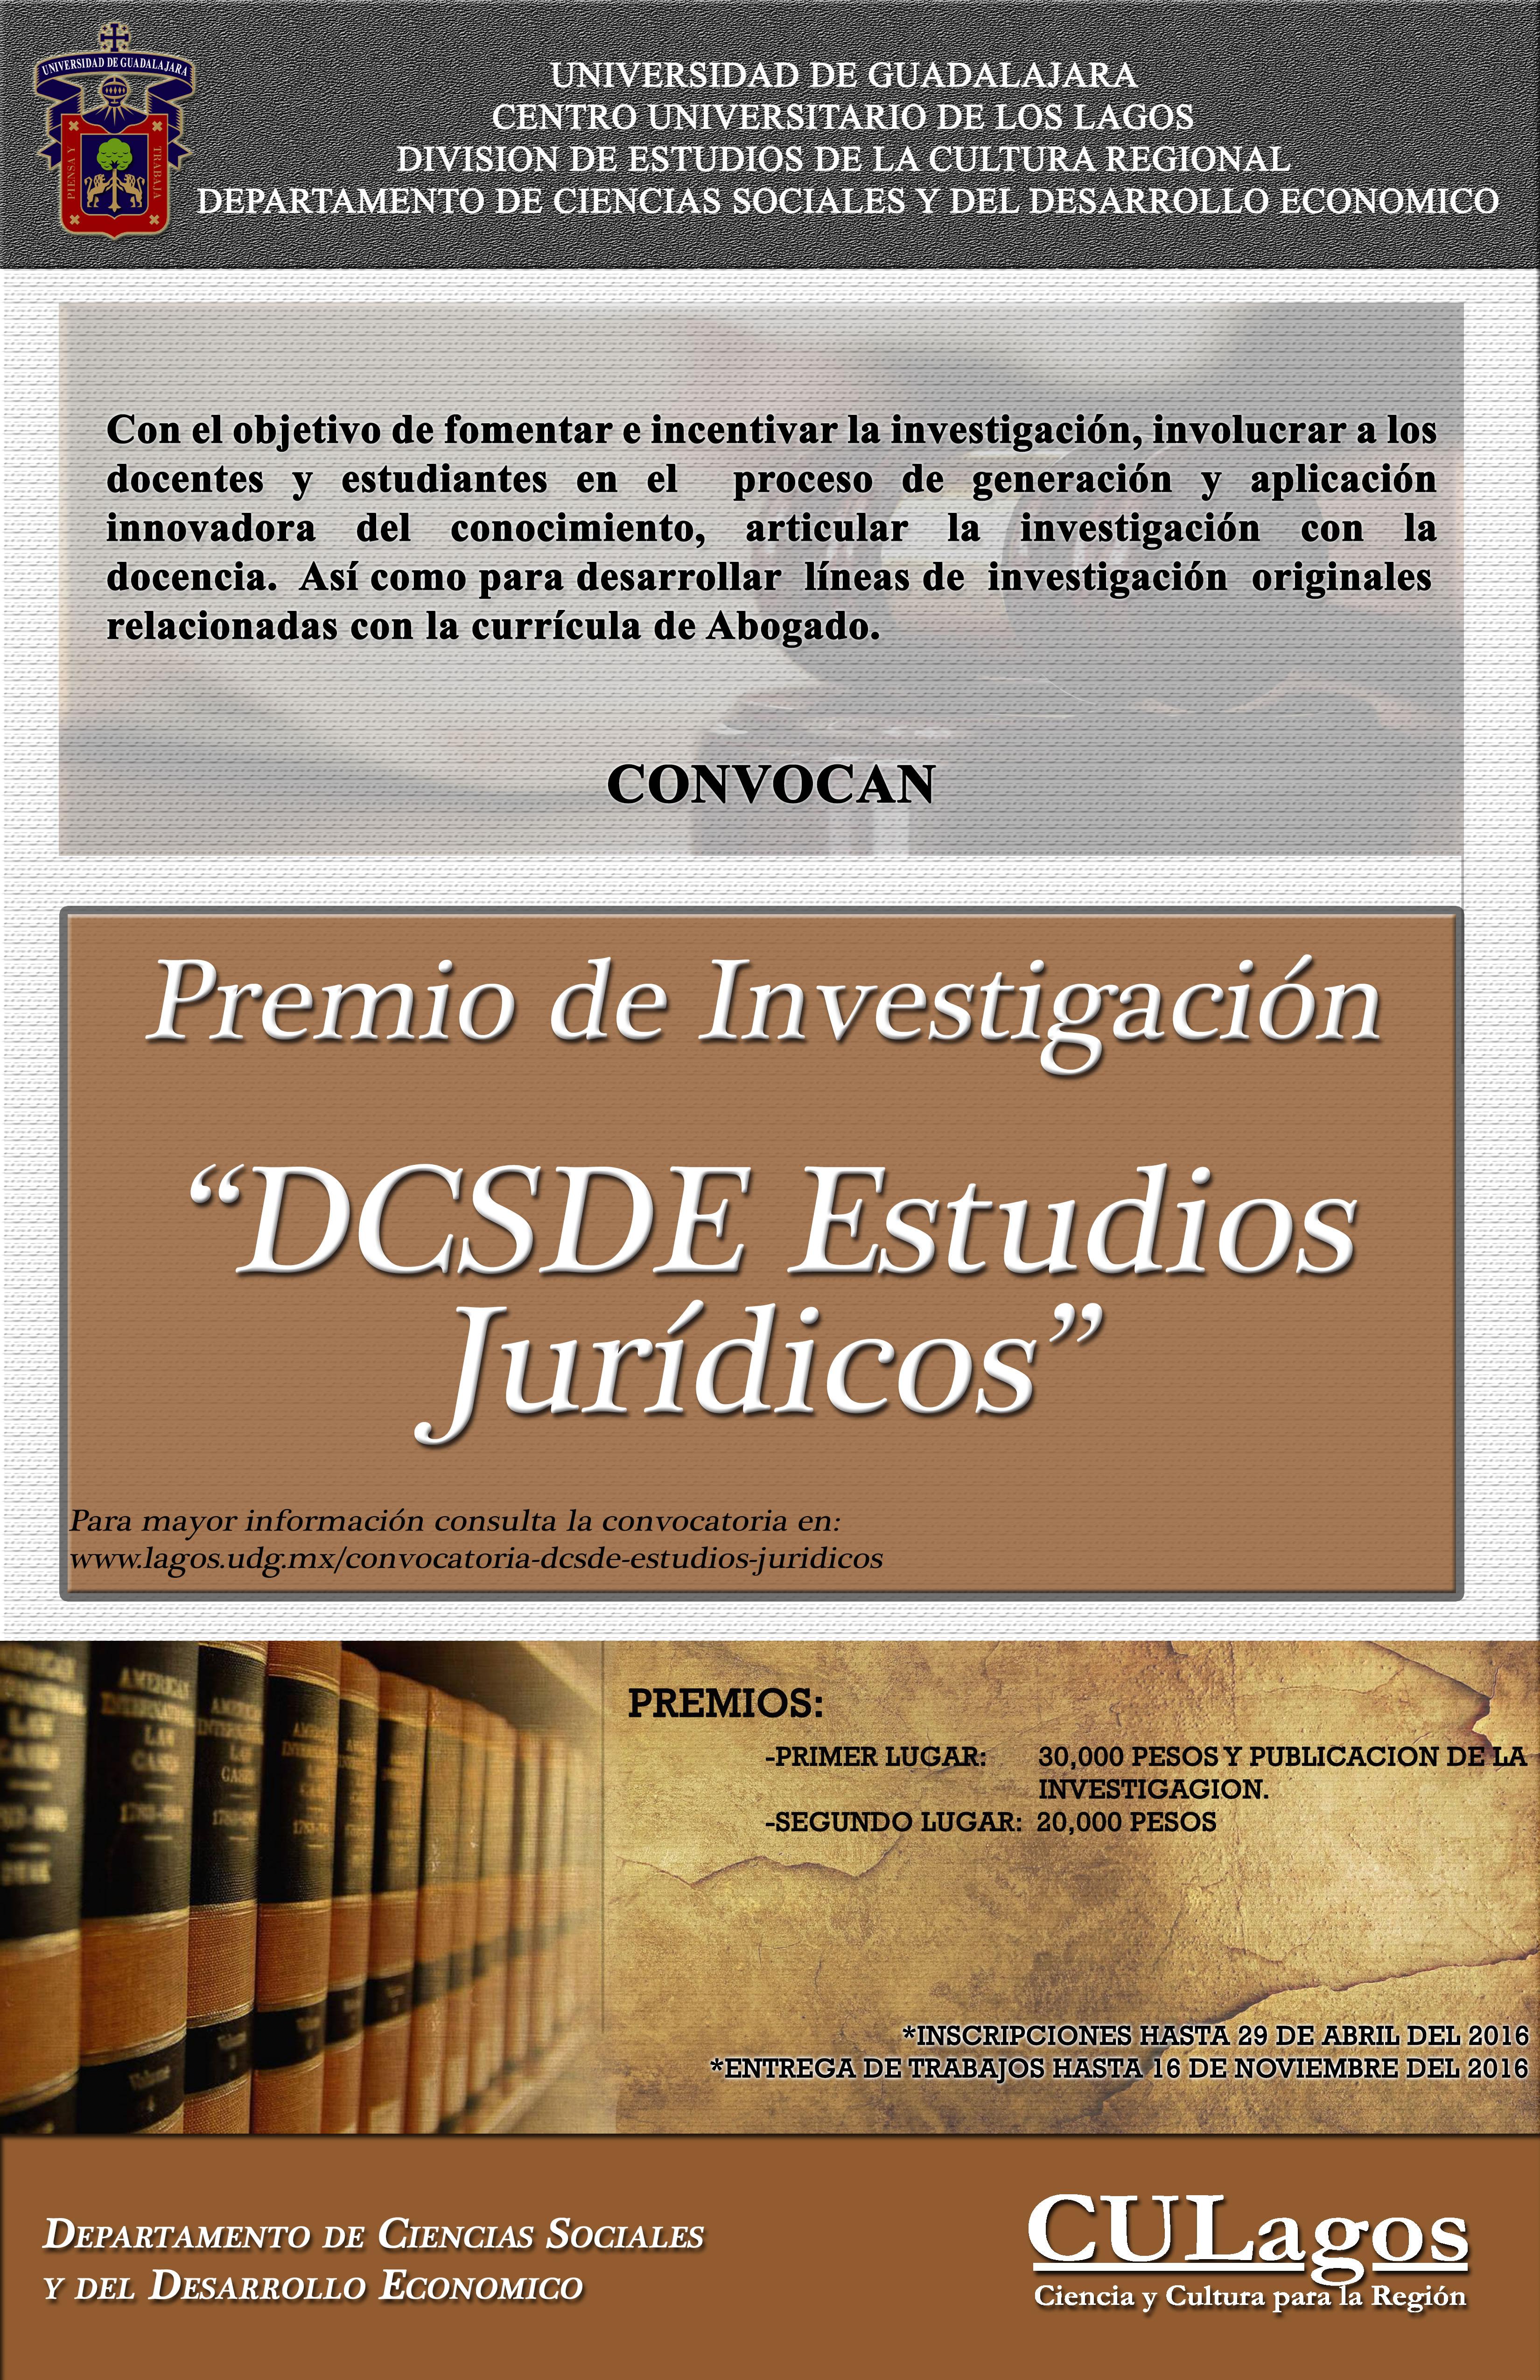 Convocatoria DCSDE Estudios Jurídicos | Centro Universitario de ...